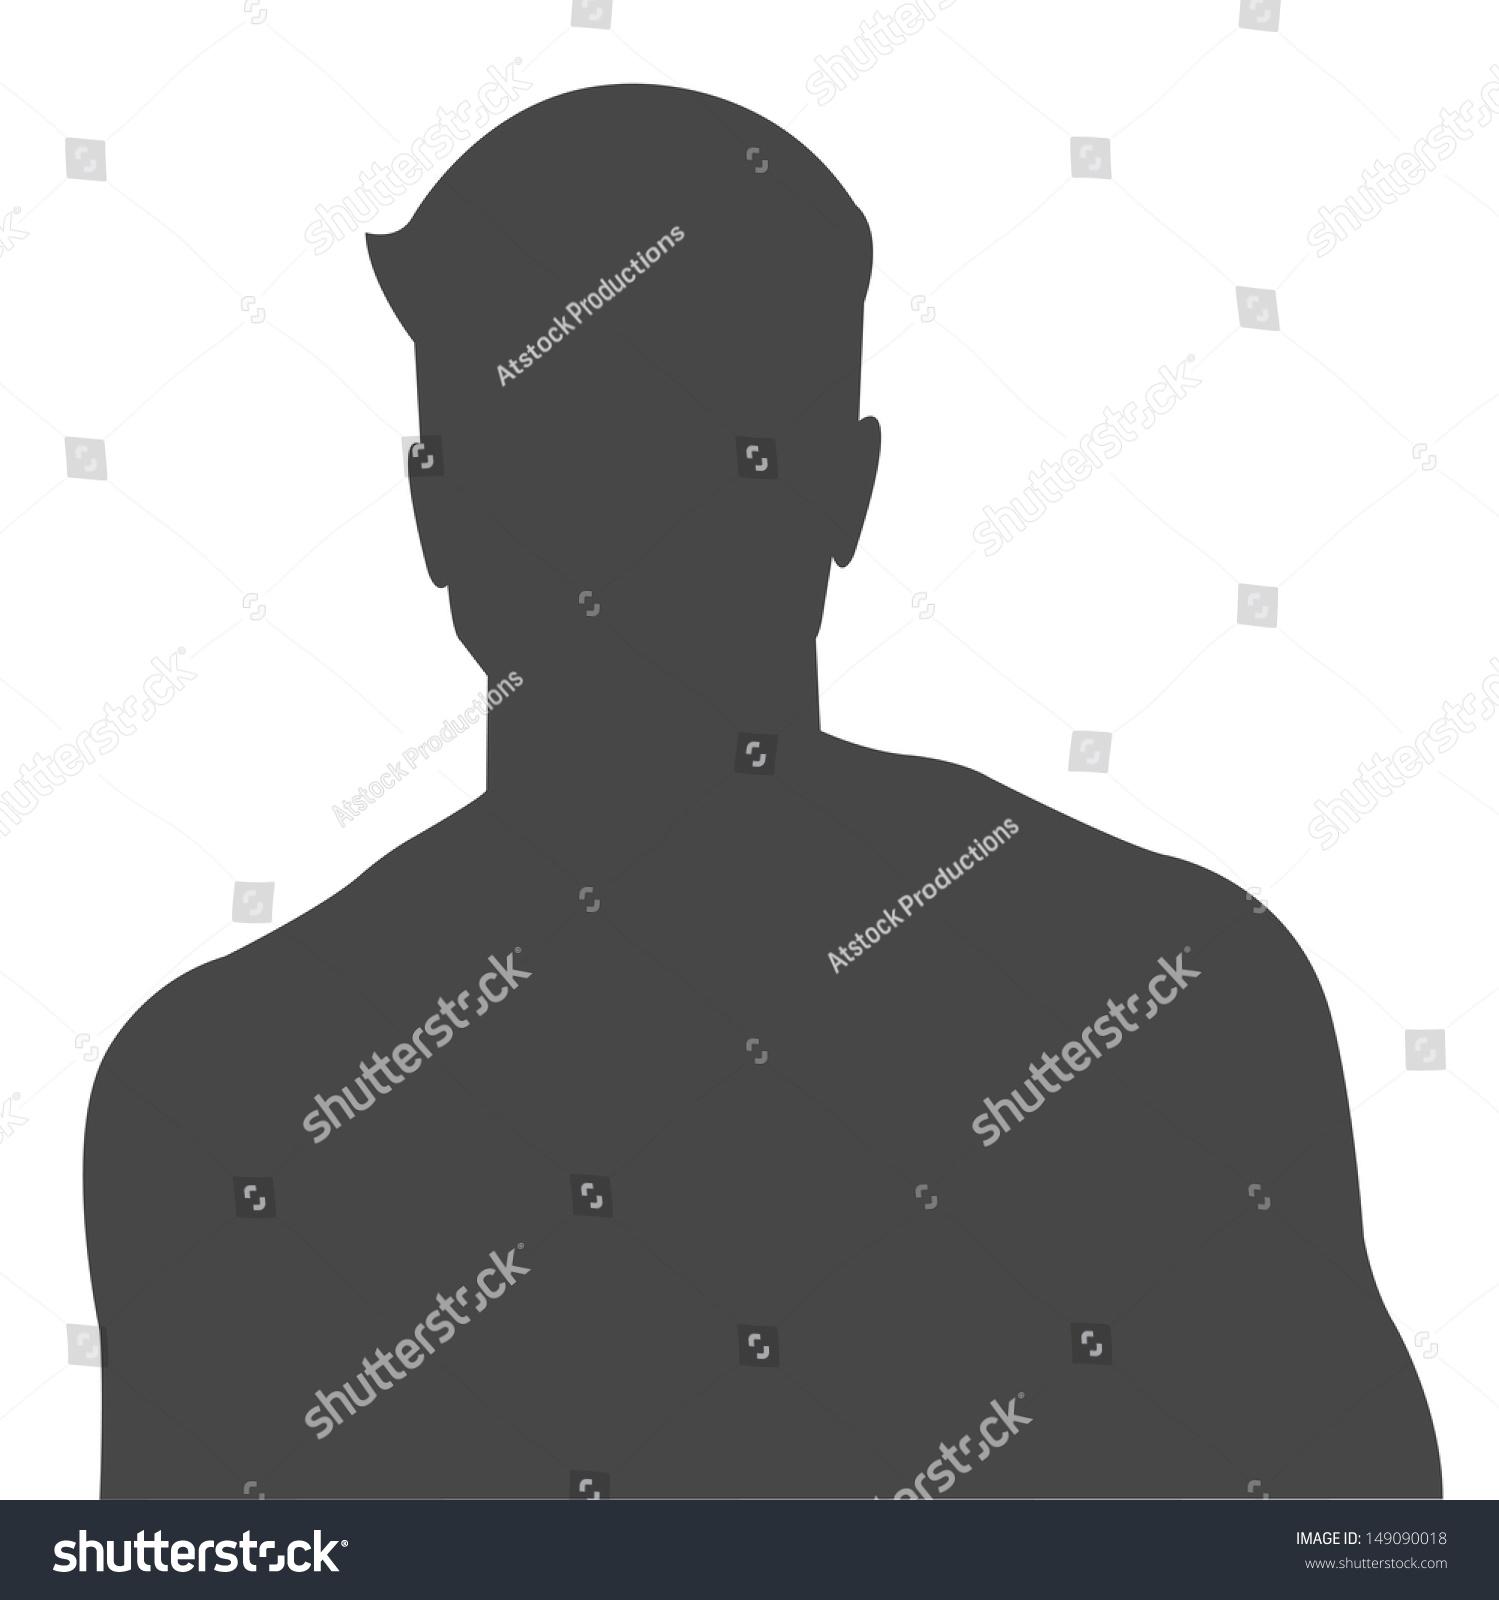 肌肉男性头像图片-人物